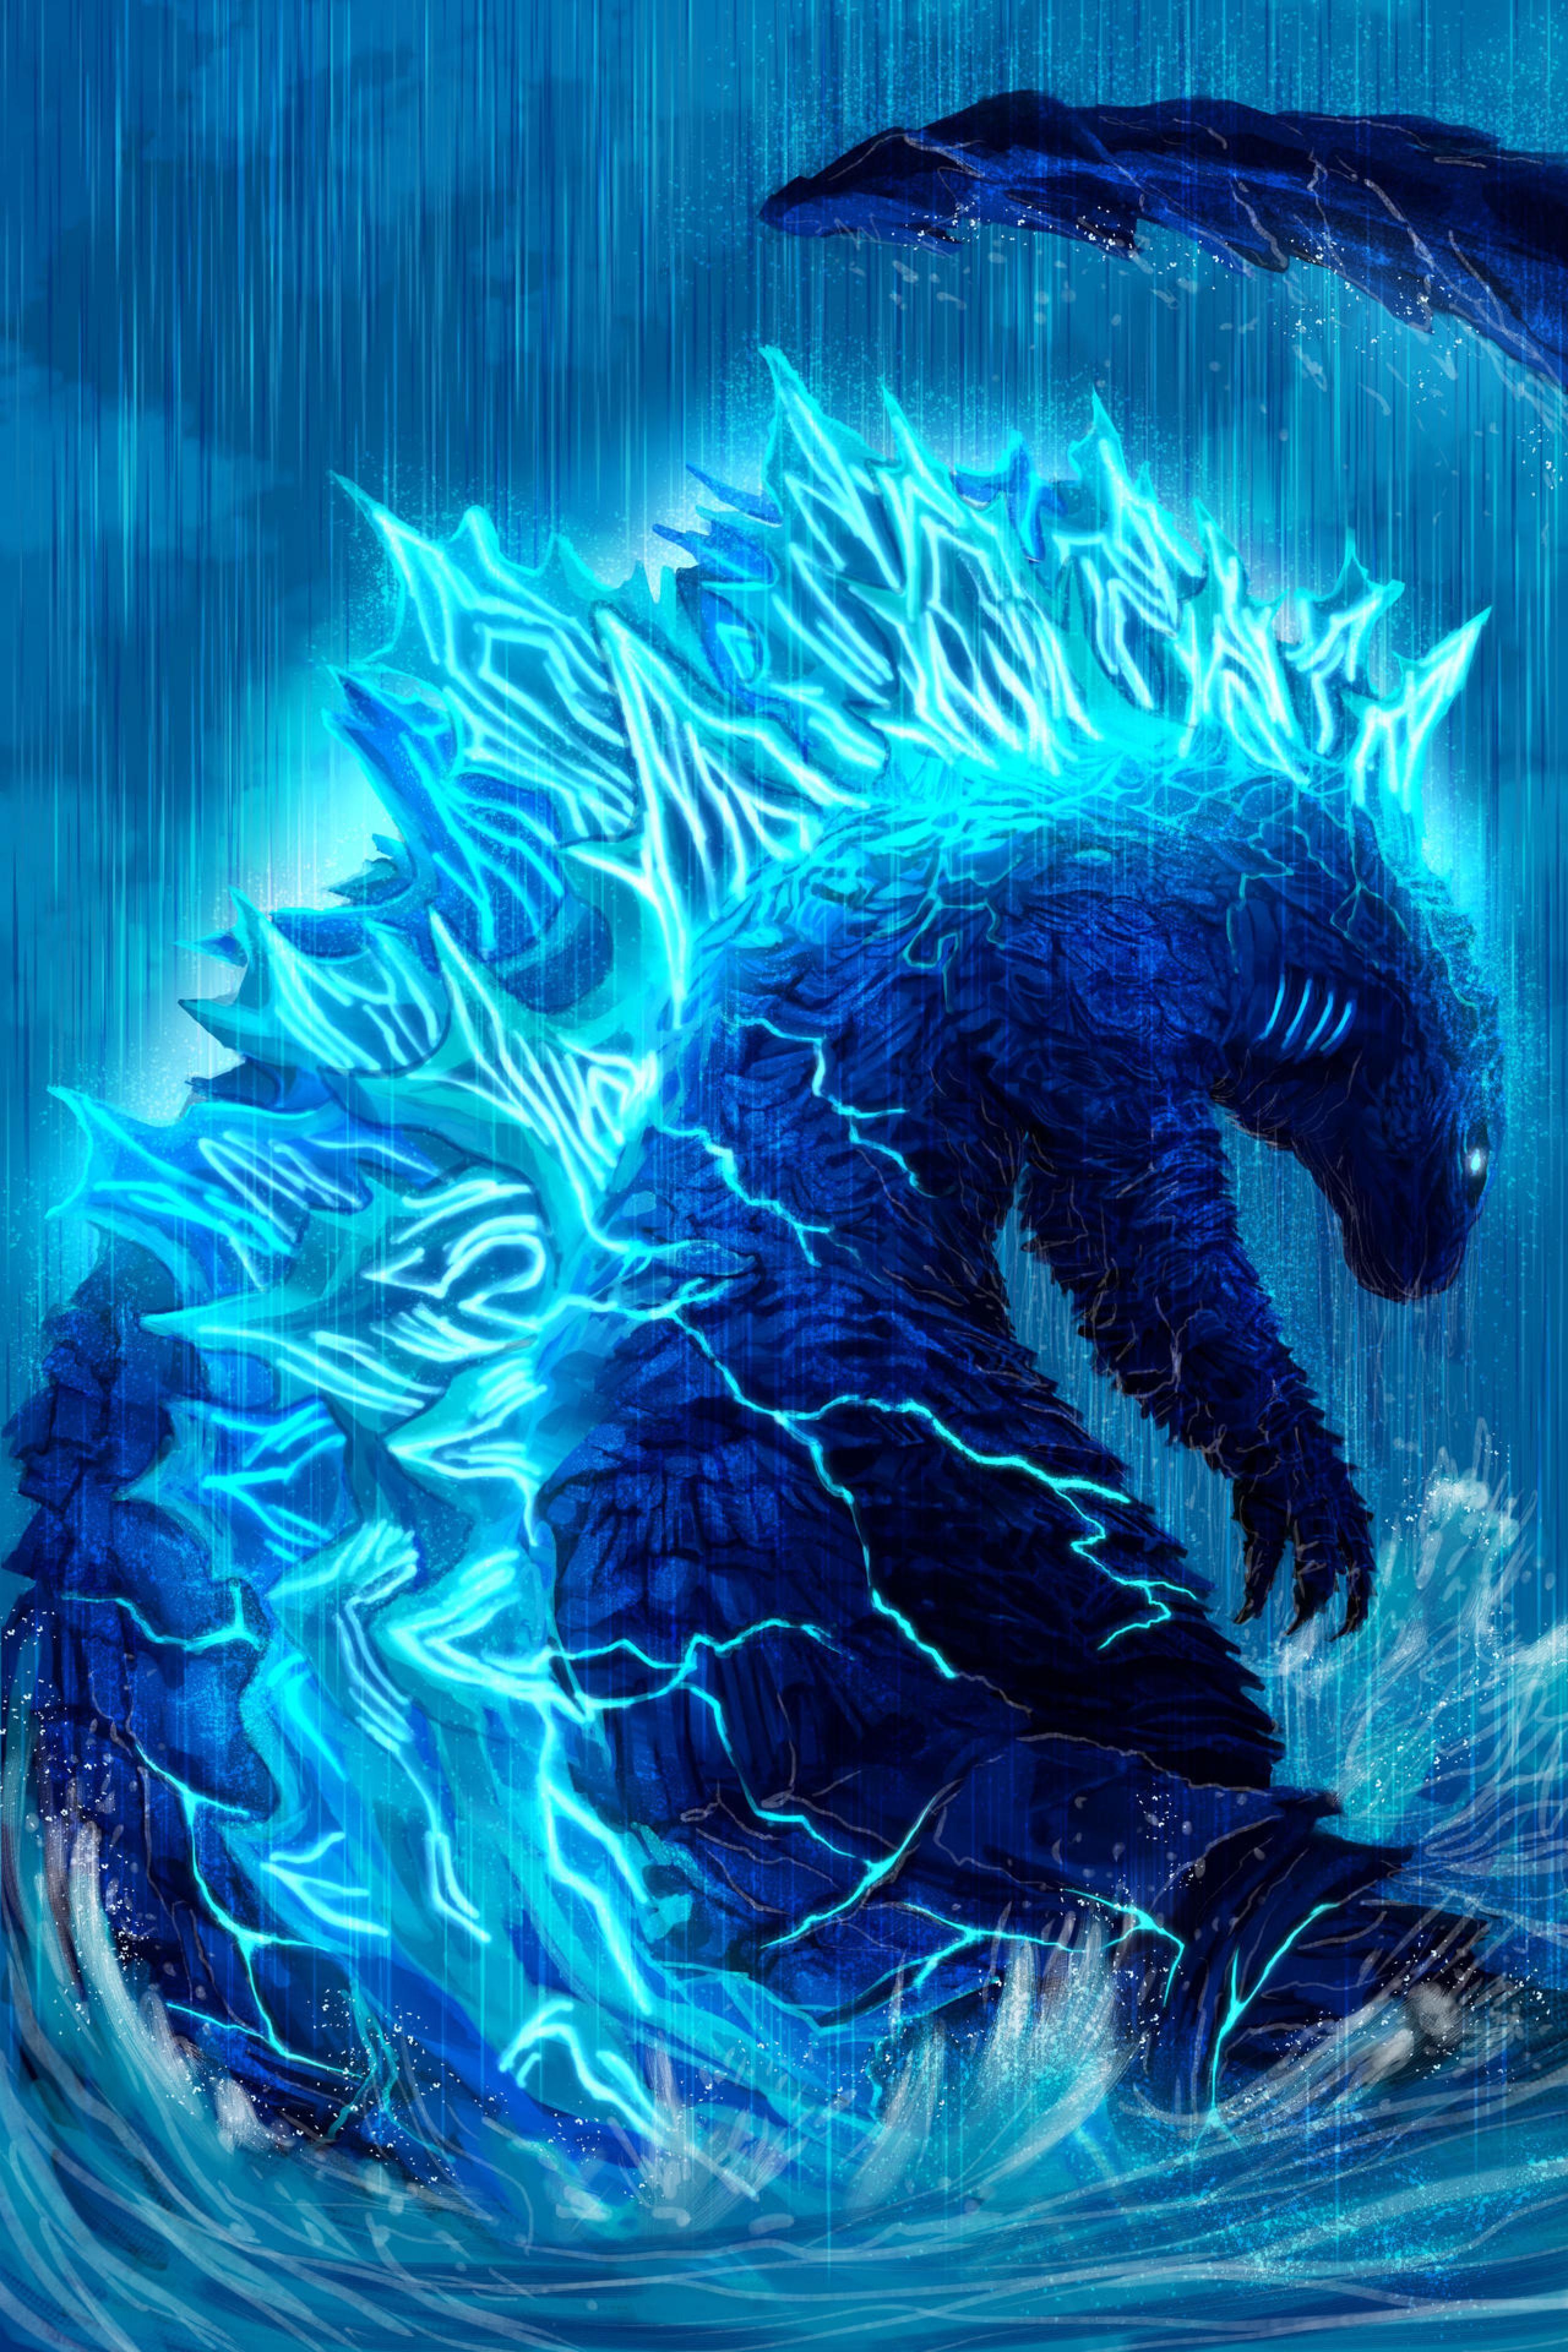 Pin By Steven Sanchez On Kaiju In 2020 Godzilla All Godzilla